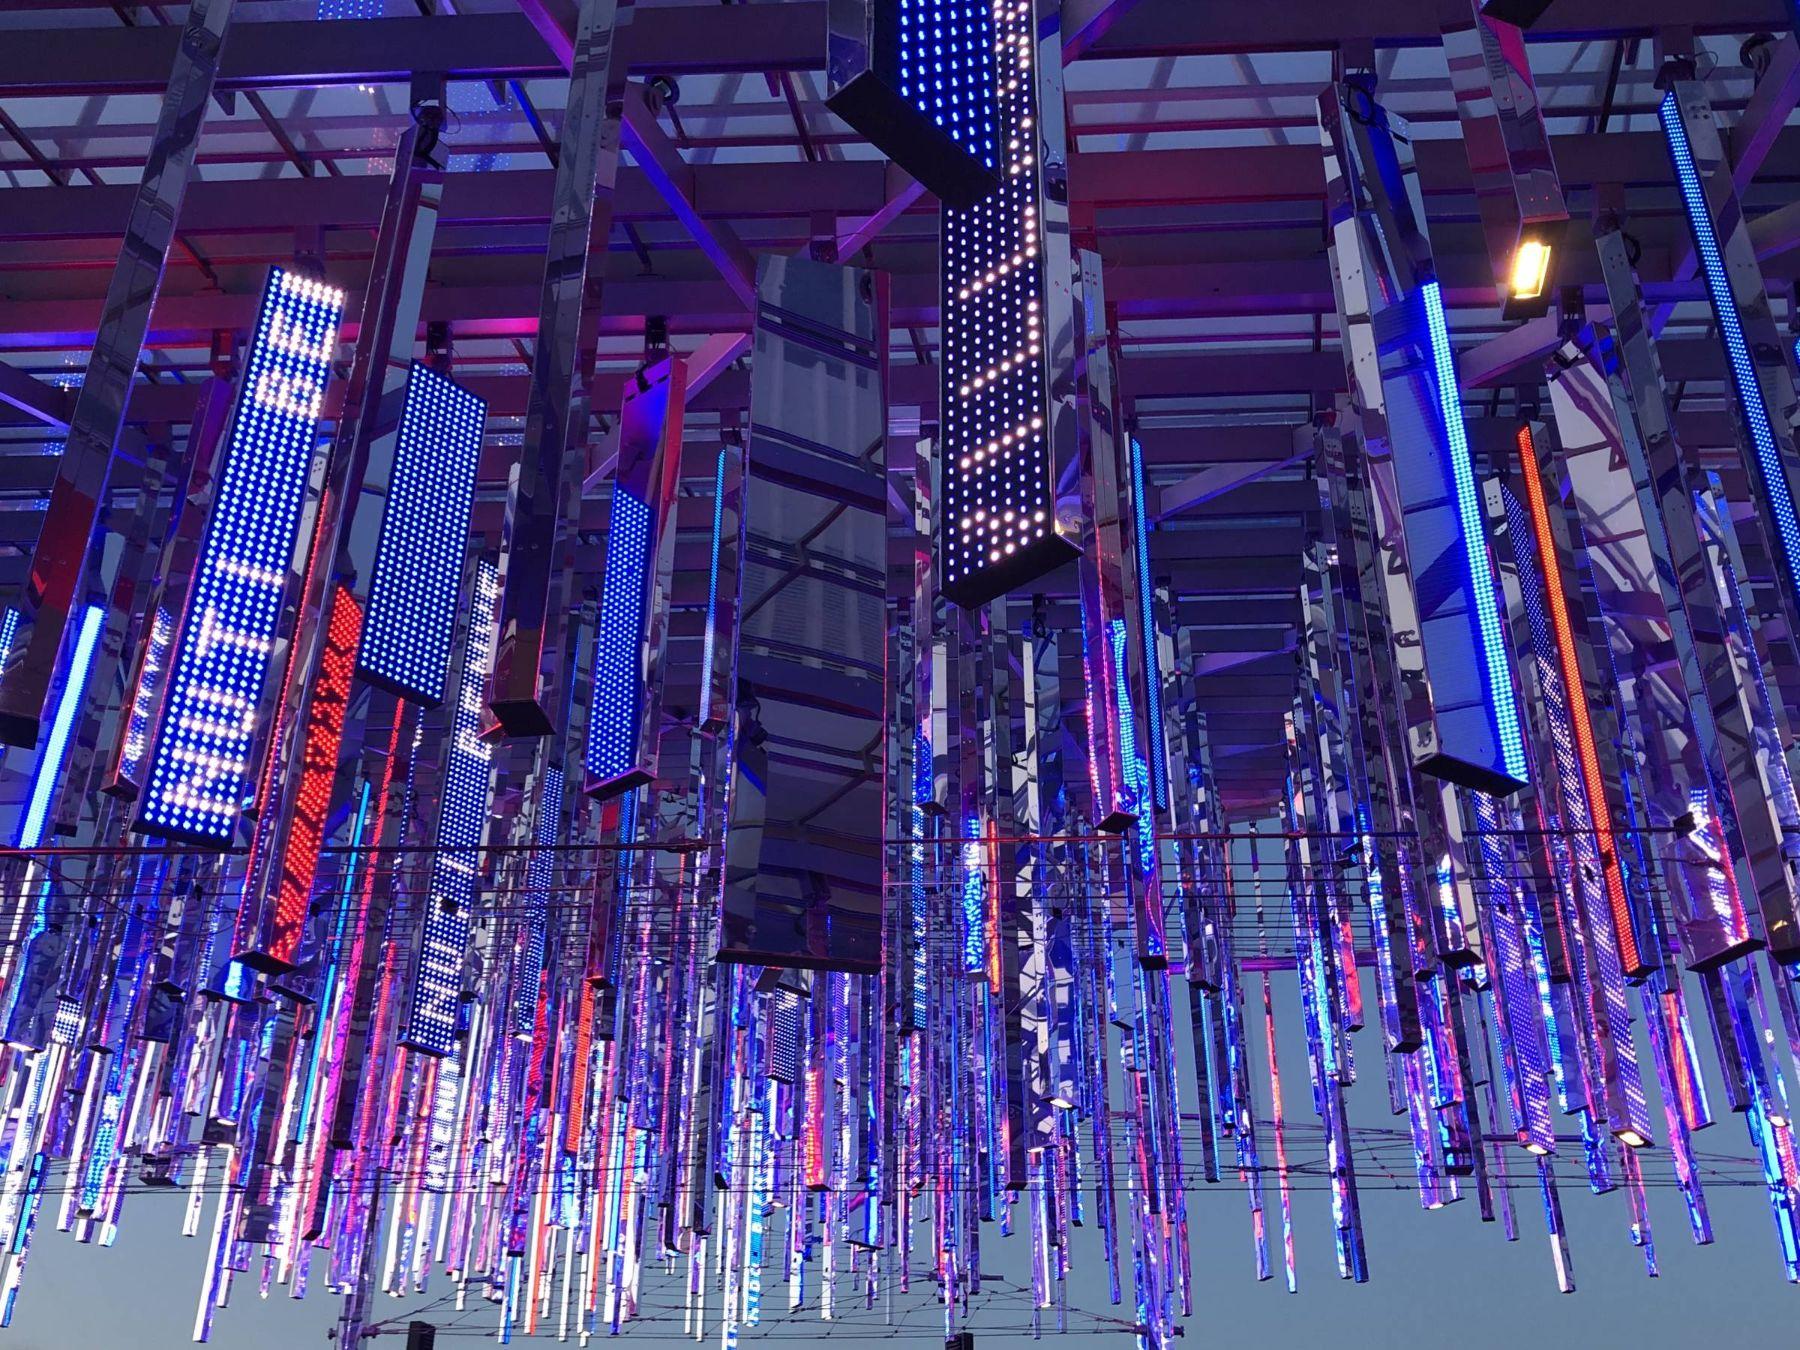 Parc des expositions de la Porte de Versailles – Façade du Pavillon 6 Ateliers Jean Nouvel